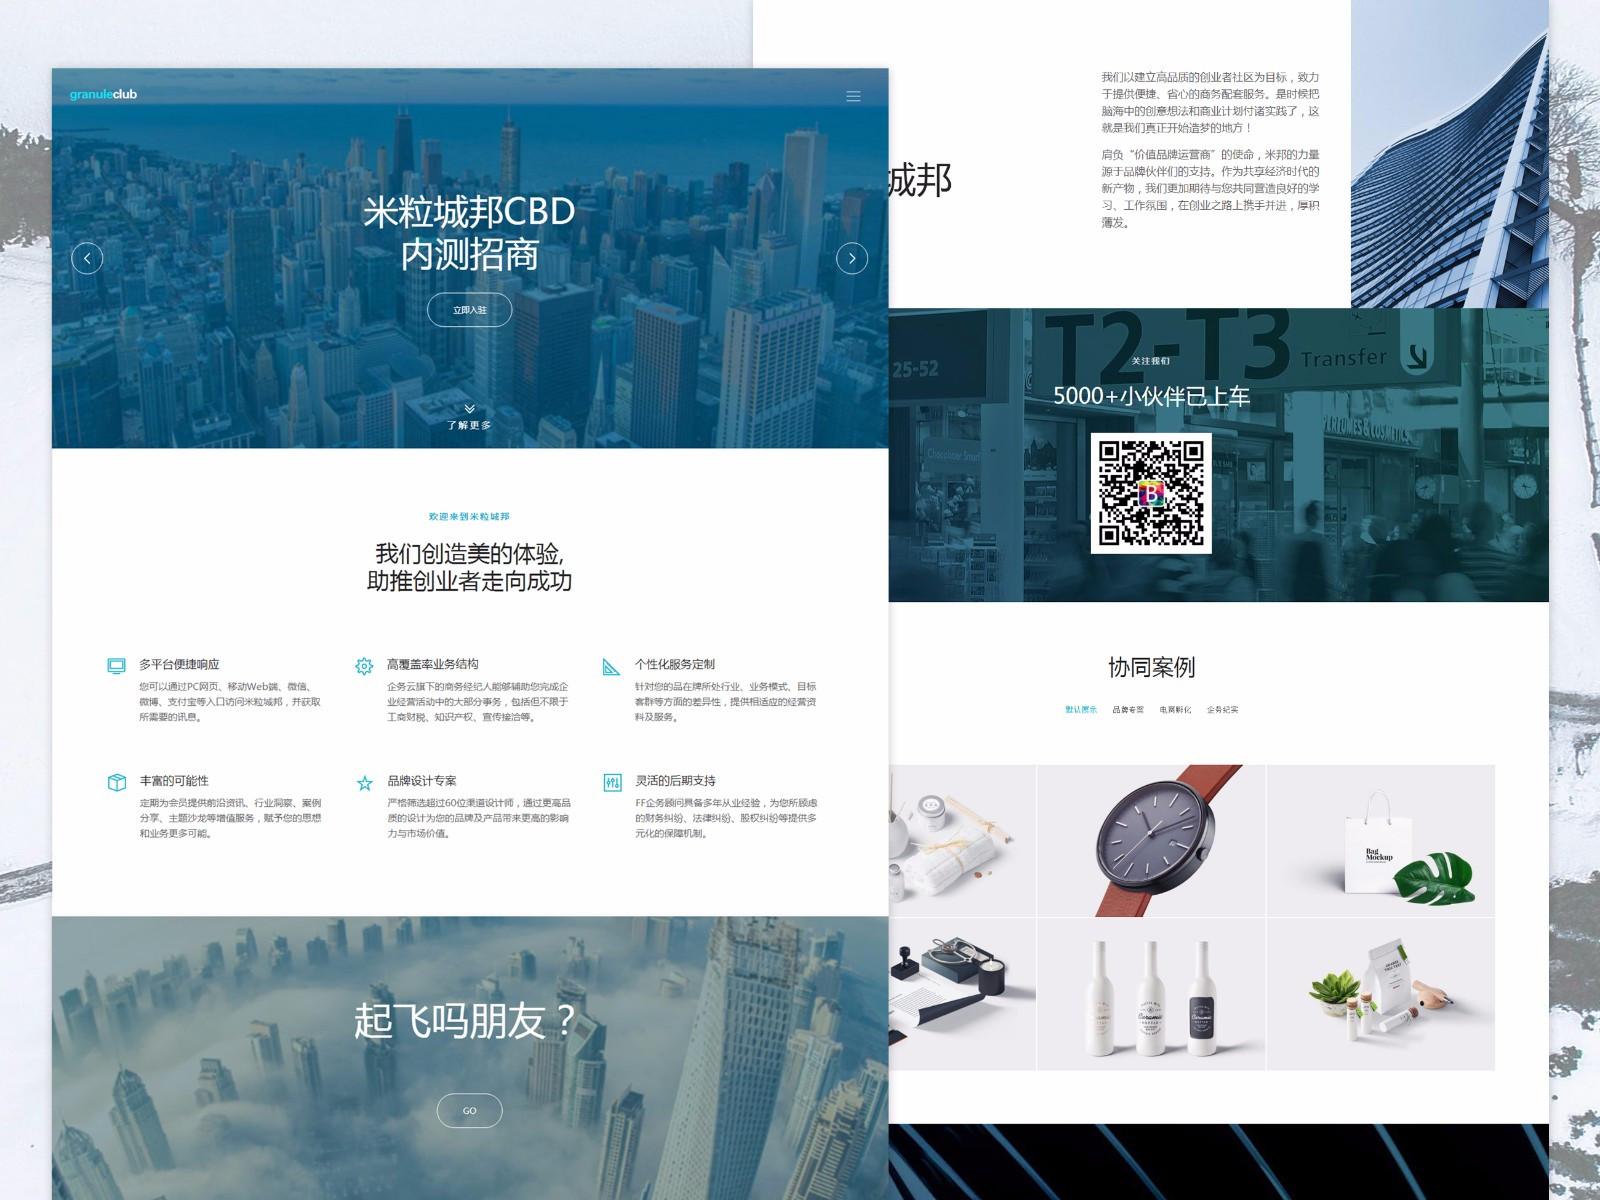 米粒城邦:以品牌价值为驱动的虚拟创业社区